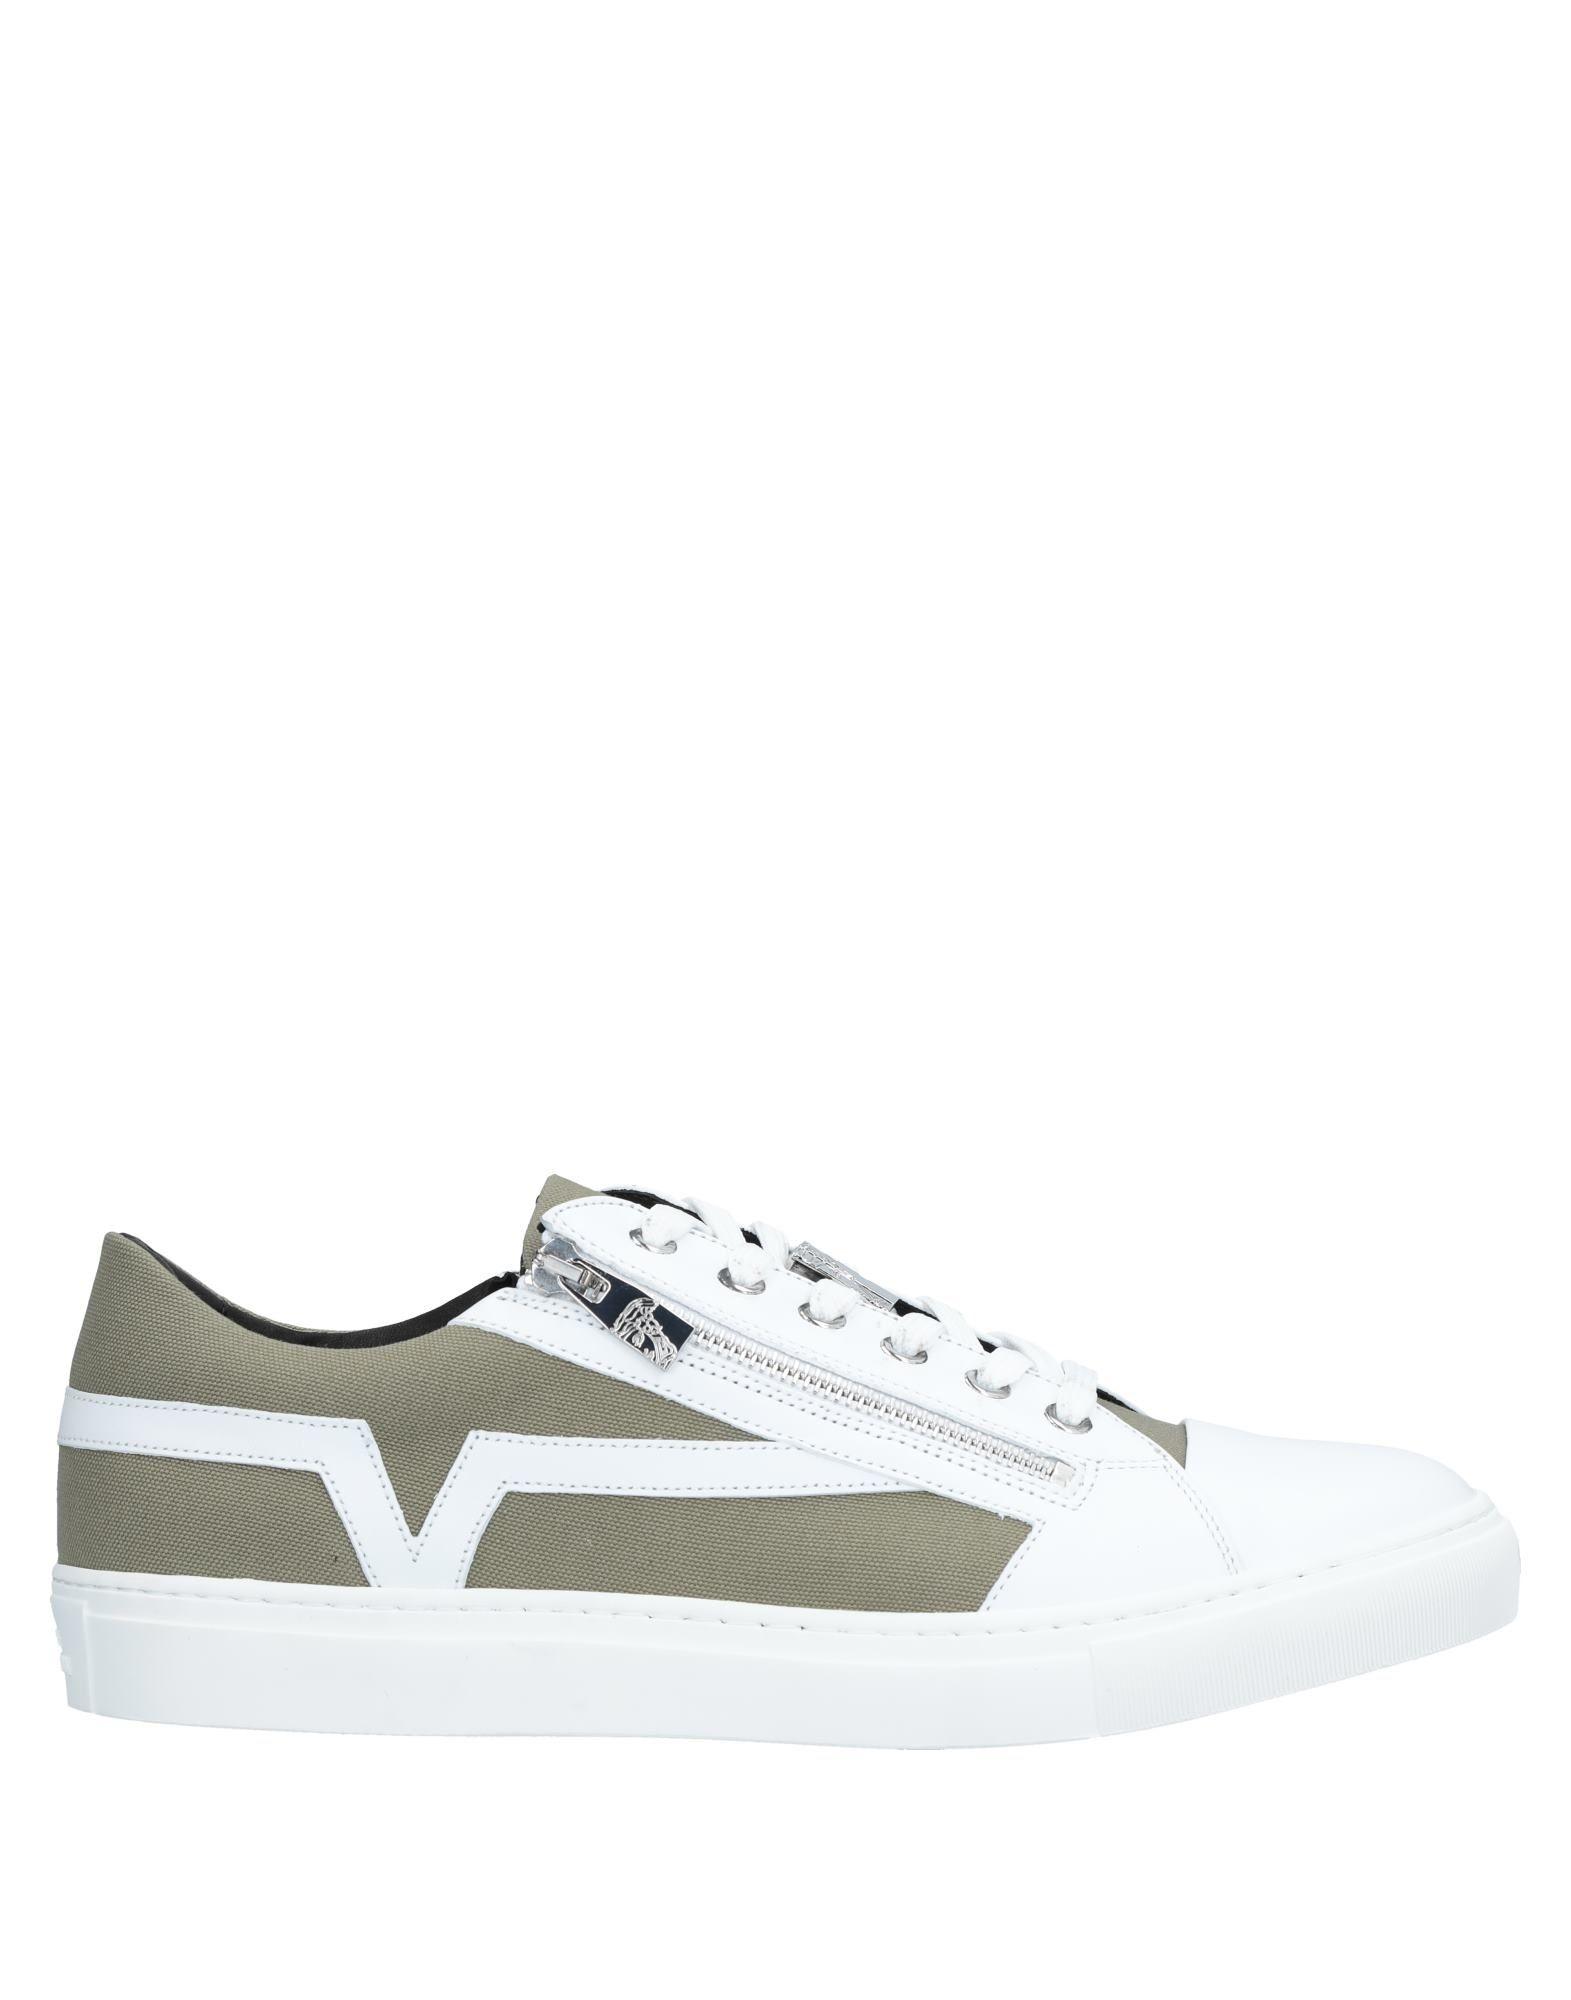 Versace Collection Sneakers Herren  11535741TJ Gute Qualität beliebte Schuhe